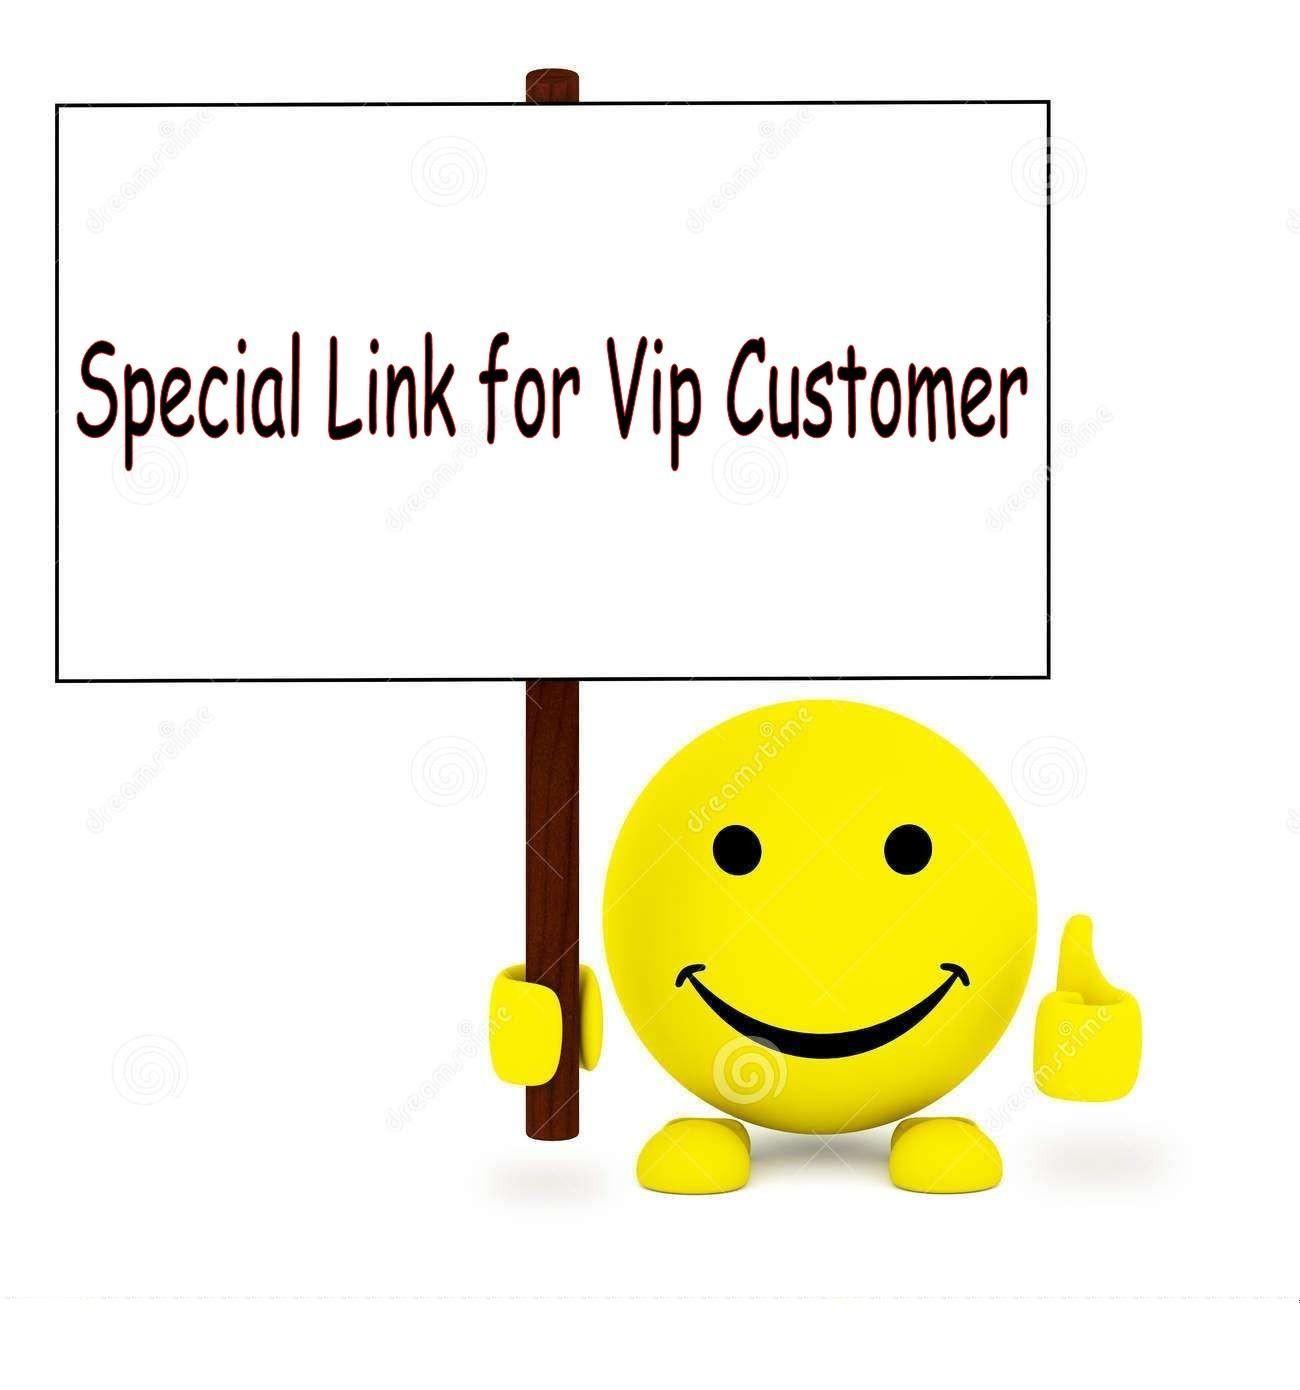 VIP رابط خاص لشراء كل الإسورة من متجرنا